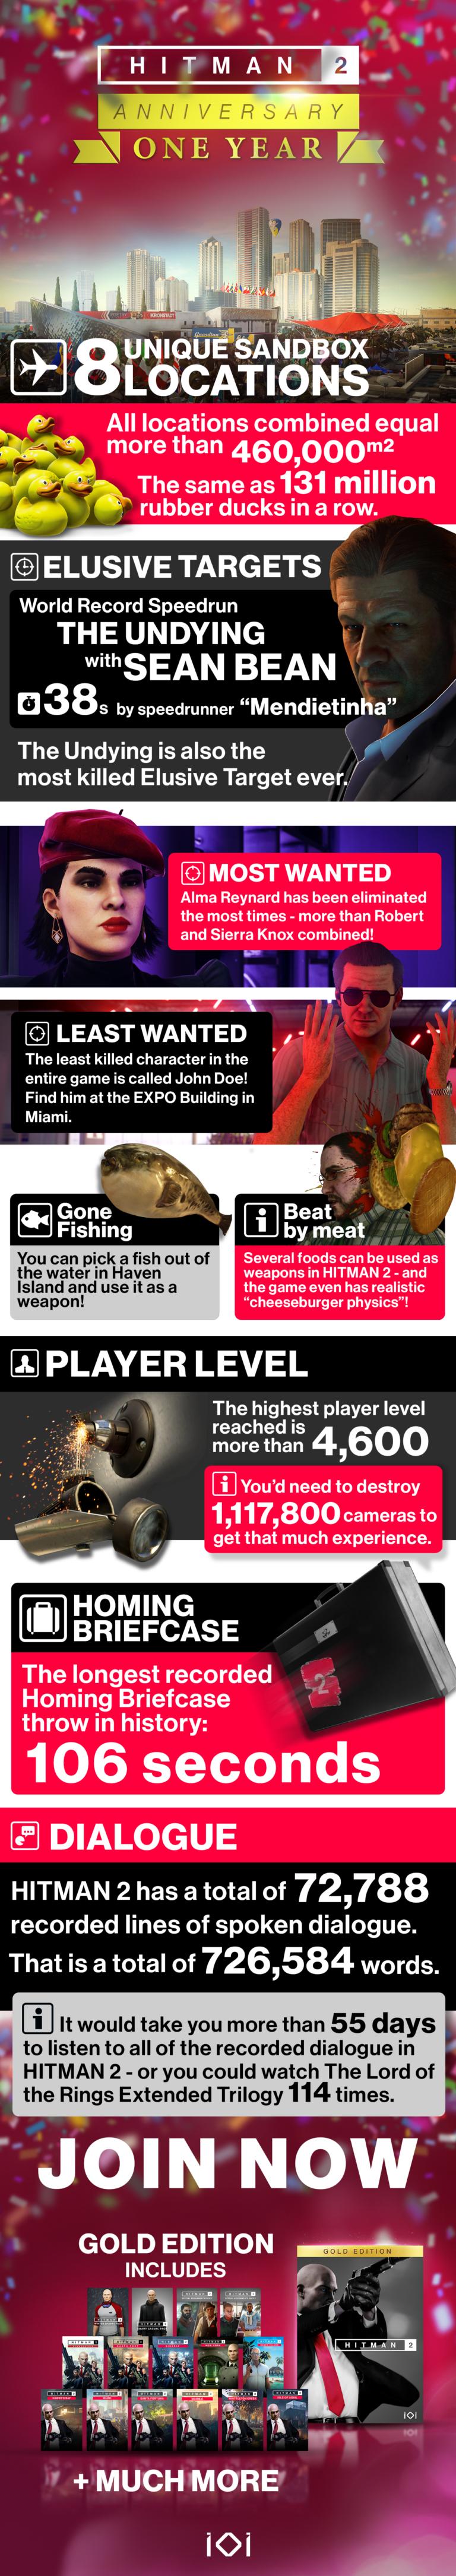 HITMAN2_Anniversary_Infographic-768x4339